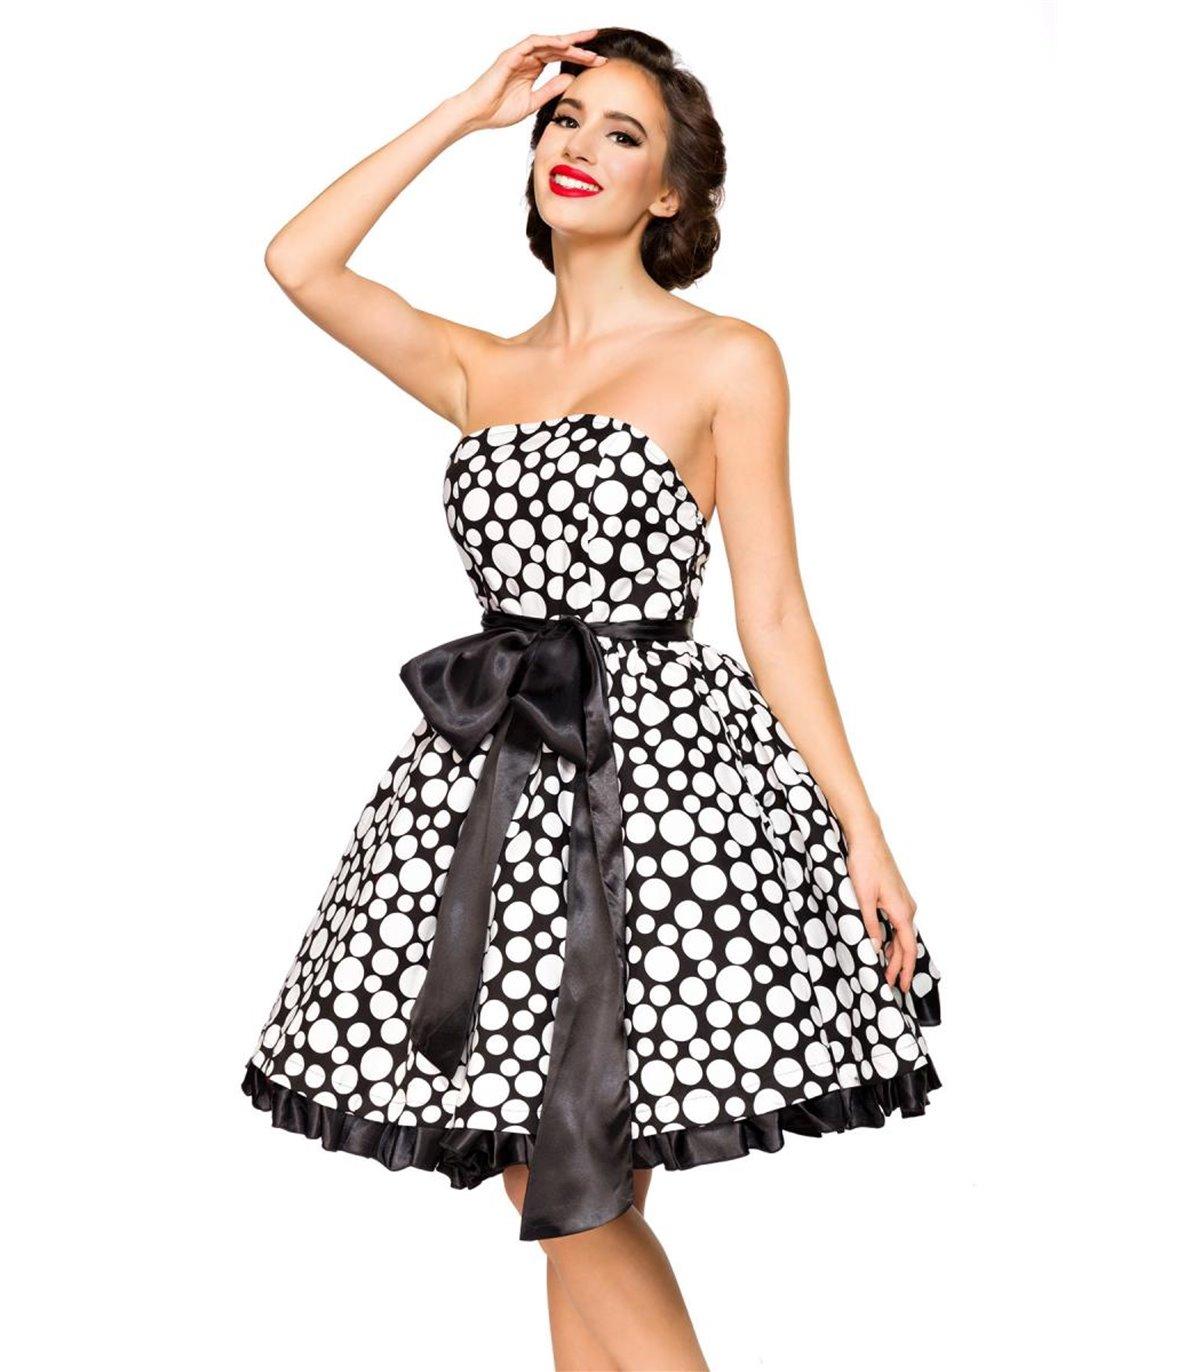 Belsira Vintage-Bandeau-Kleid schwarz/weiss - midi Kleider ...